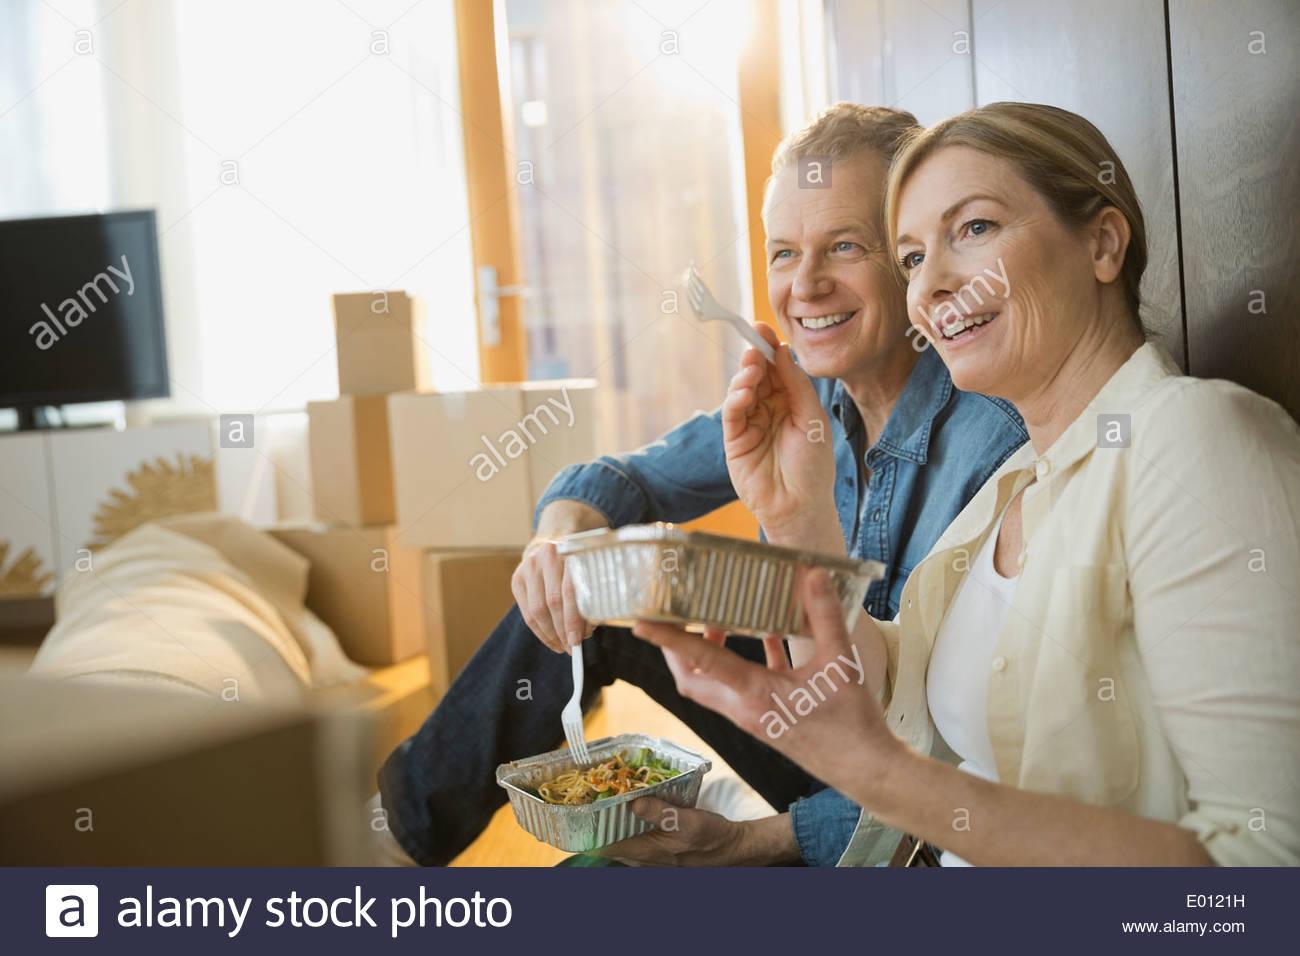 Paar Essen nehmen Sie Nahrung in der Nähe von Umzugskartons Stockbild